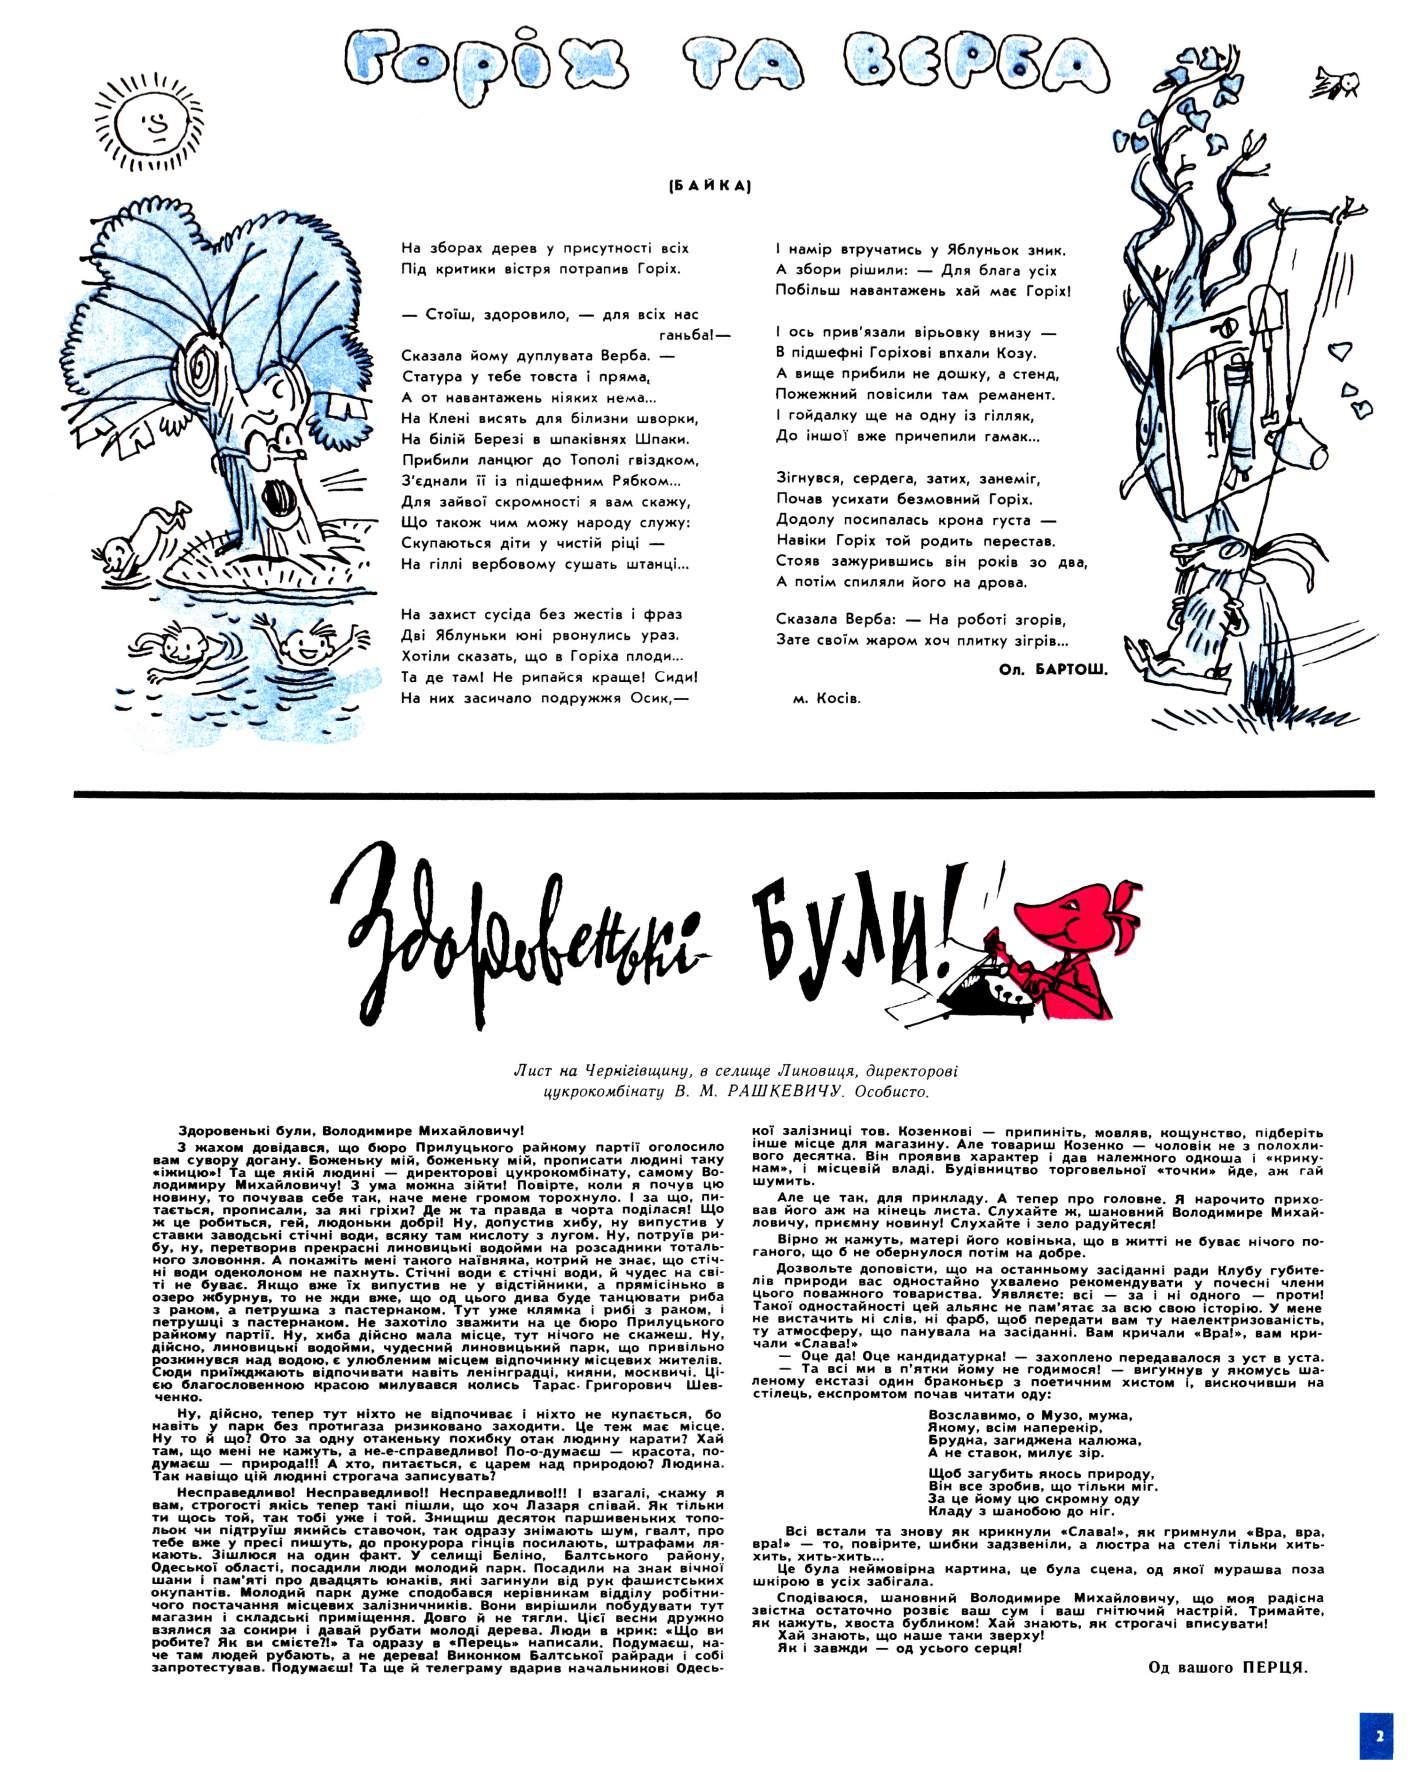 Журнал перець 1966 №17